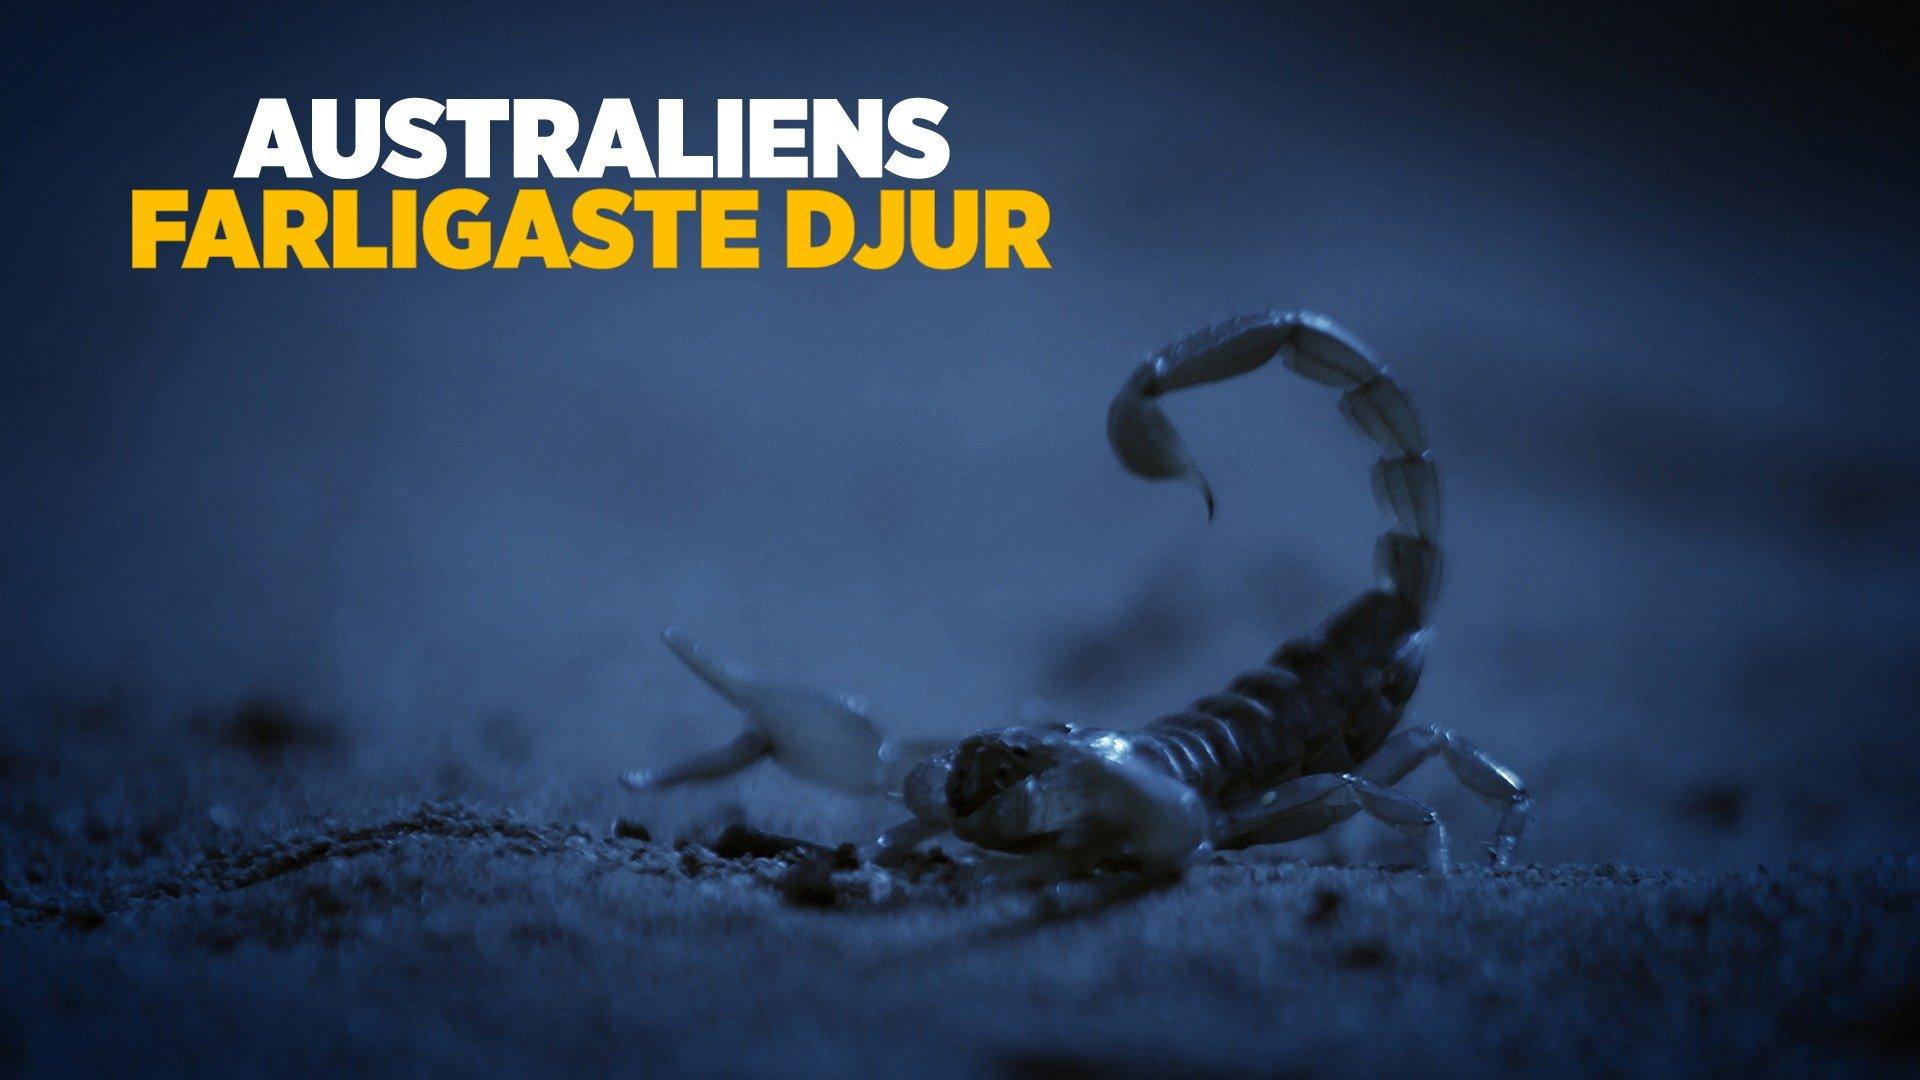 Australiens farligaste djur